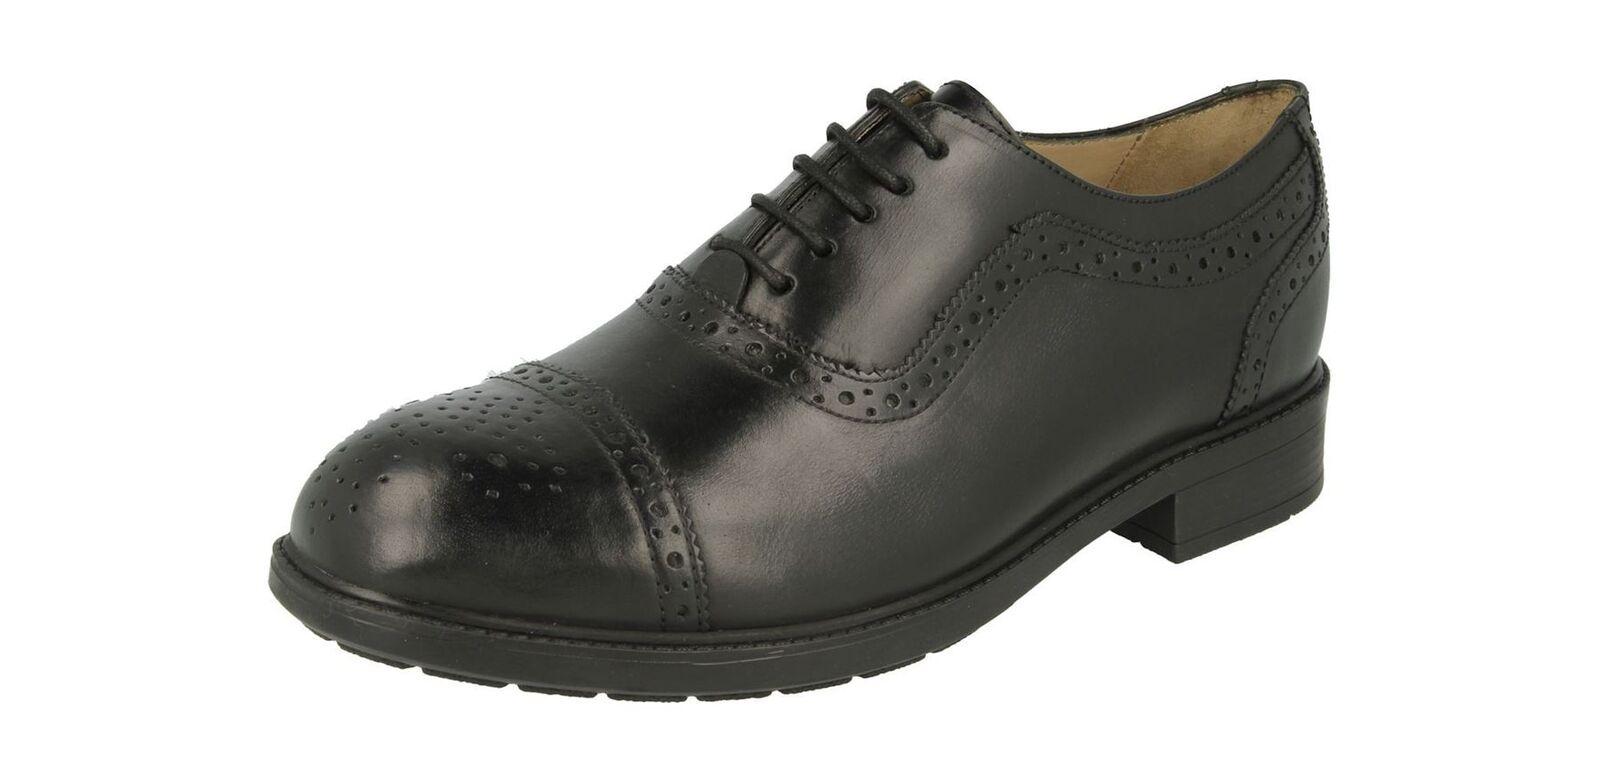 Db's Uomo Molto Molto Molto Comode (2V) Formale con Lacci Oxford Scarpe Brogue (Linari) Nero | Nuovo Stile  d5013d